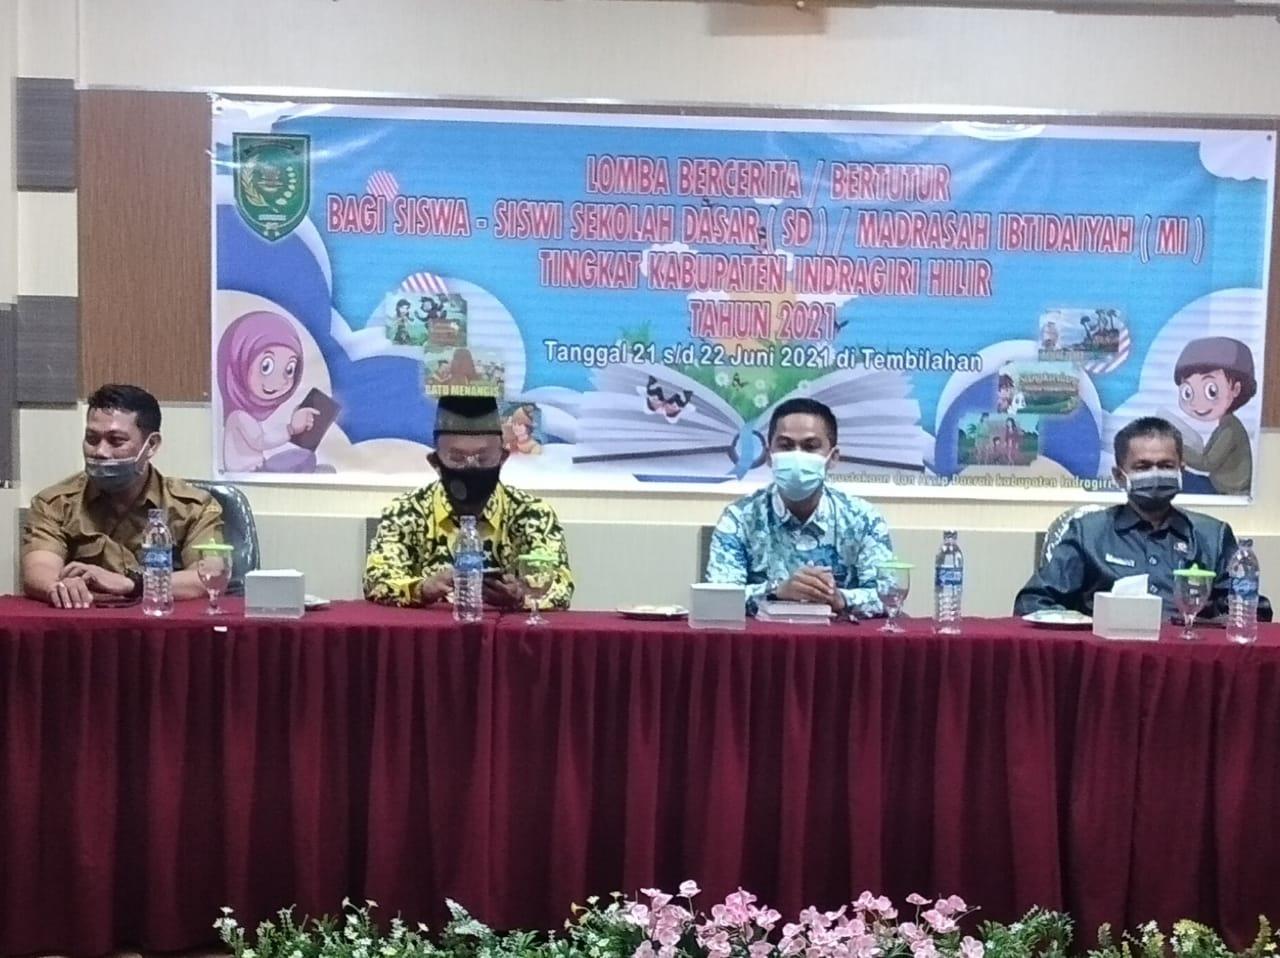 Ditaja DPAD Inhil, Siswa SDN 032 Tembilahan Juarai Lomba Bercerita/Bertutur Tingkat SD dan MI